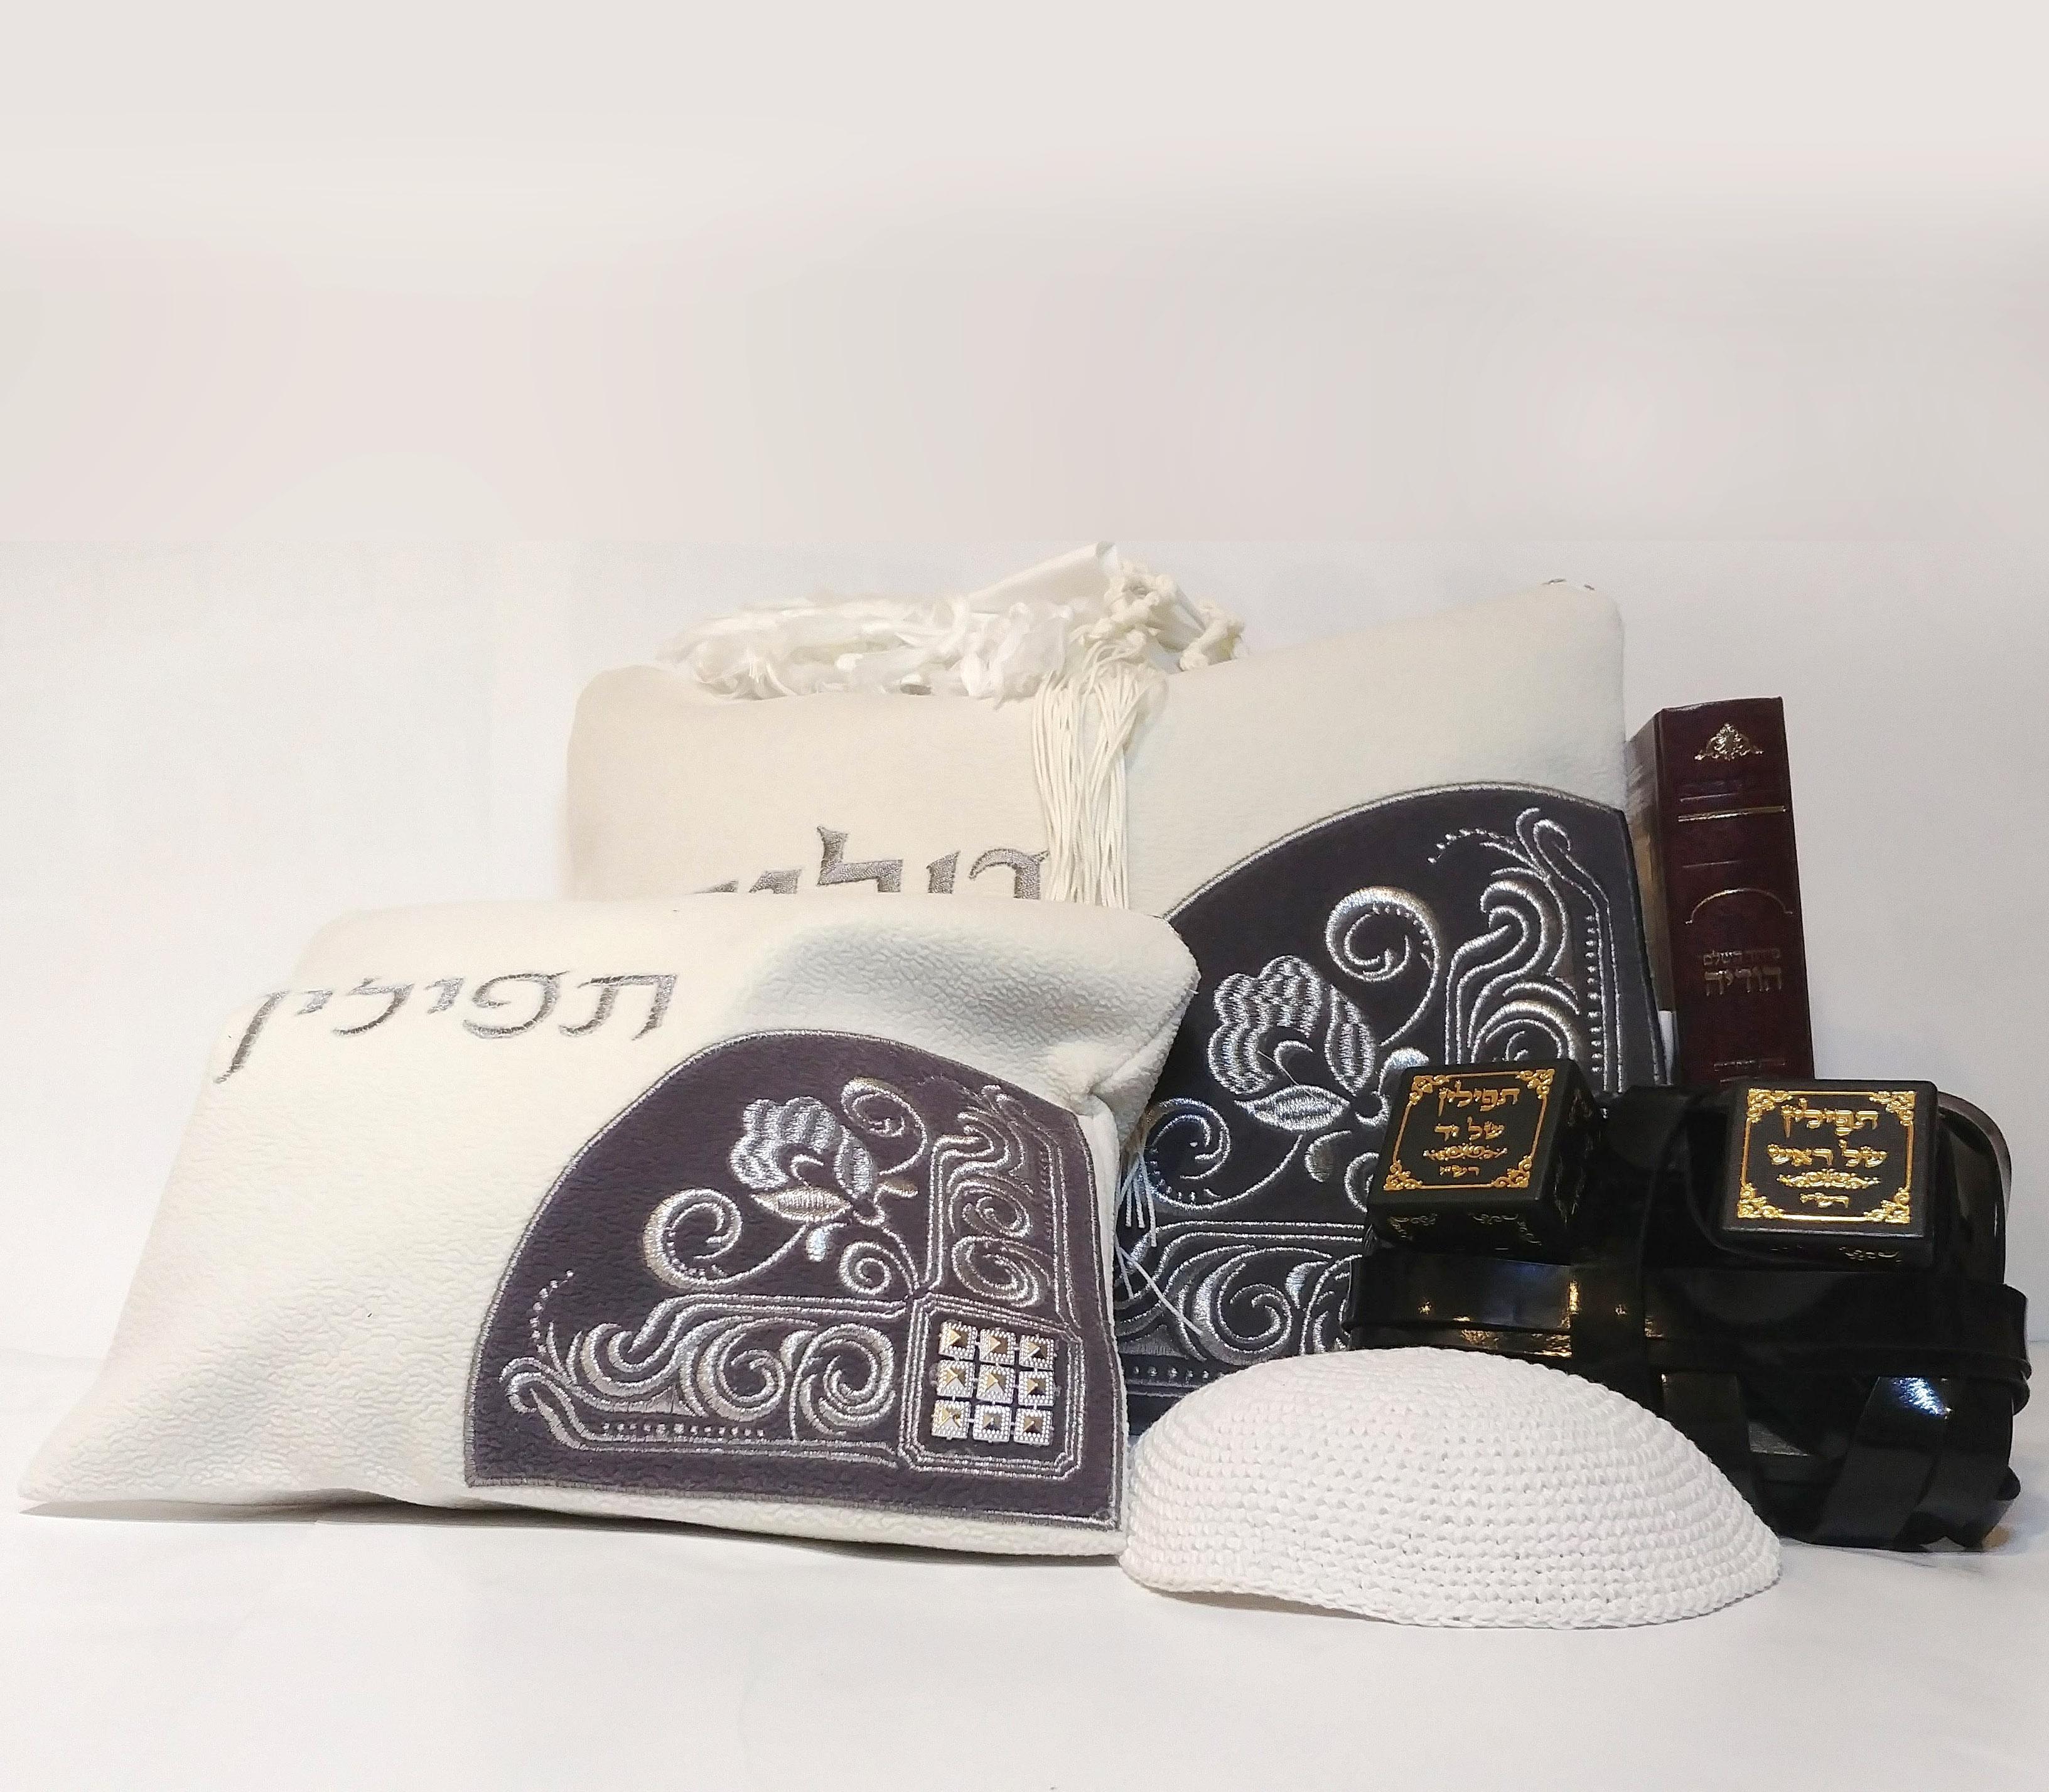 מותג חדש ערכת תפילין לבר מצווה- דגם שלהבתיה - קודש נט כל מה שיהודים צריכים QB-86